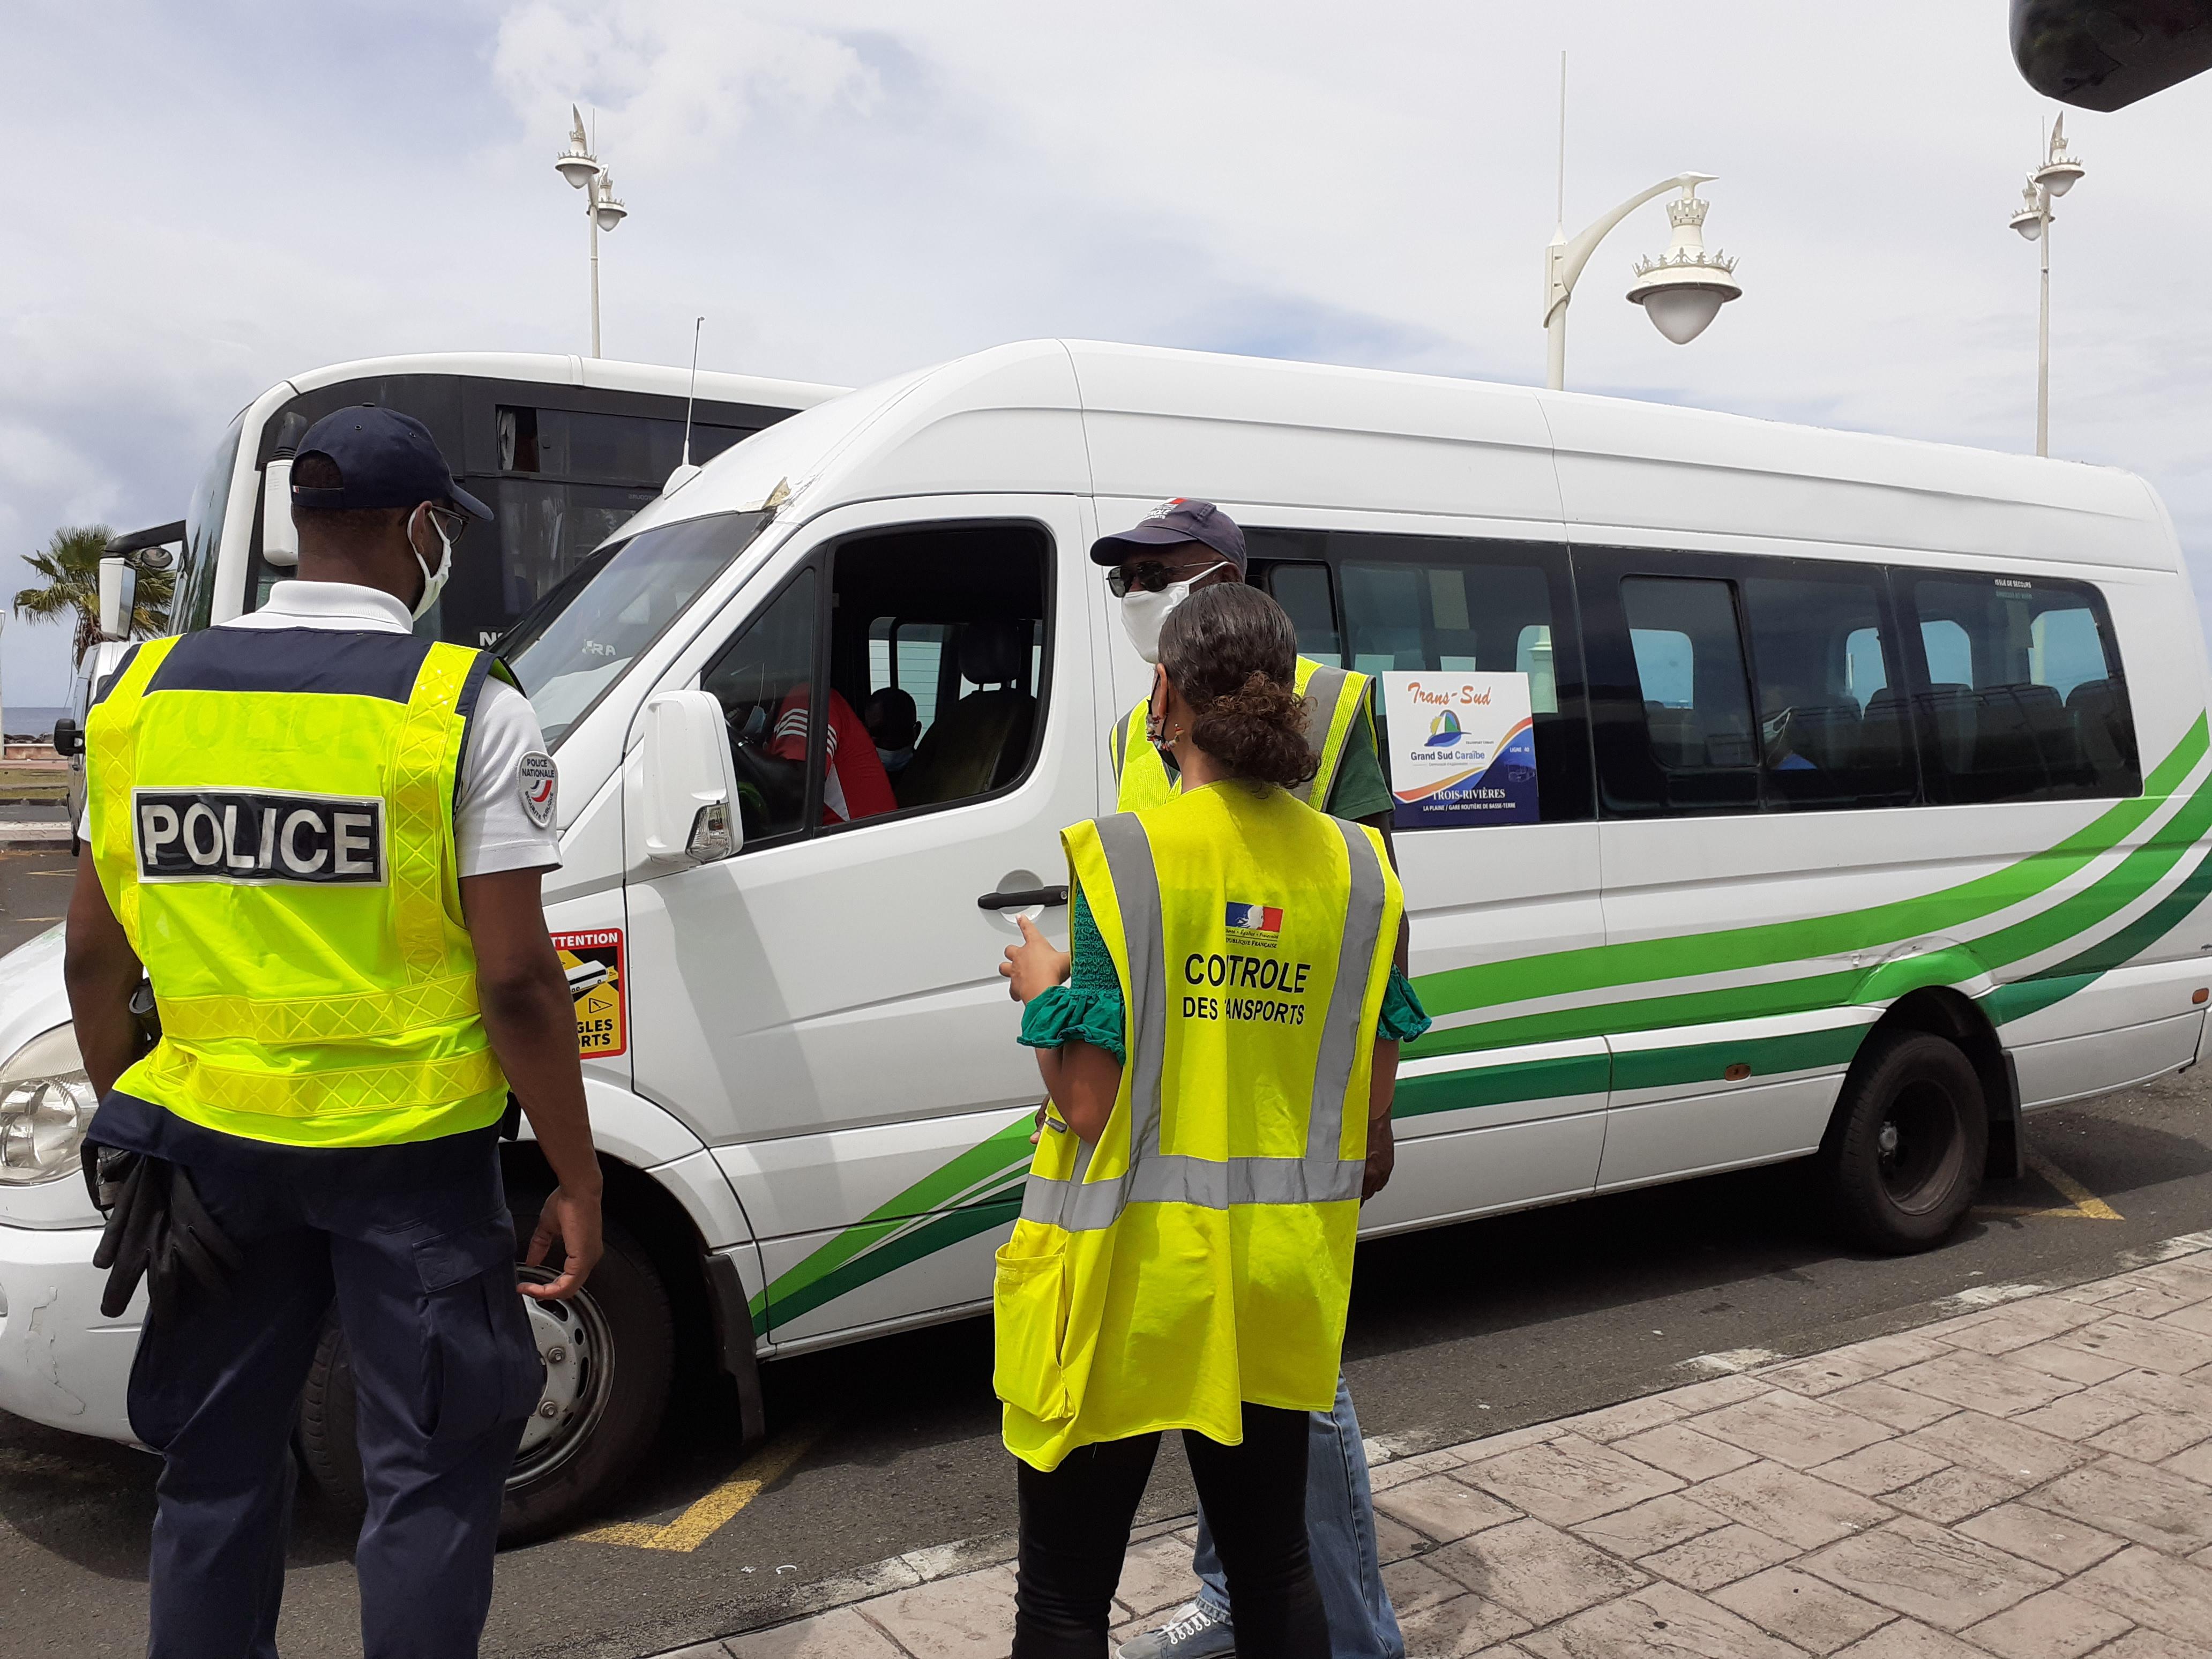 Opérations de contrôle dans les transports en commun